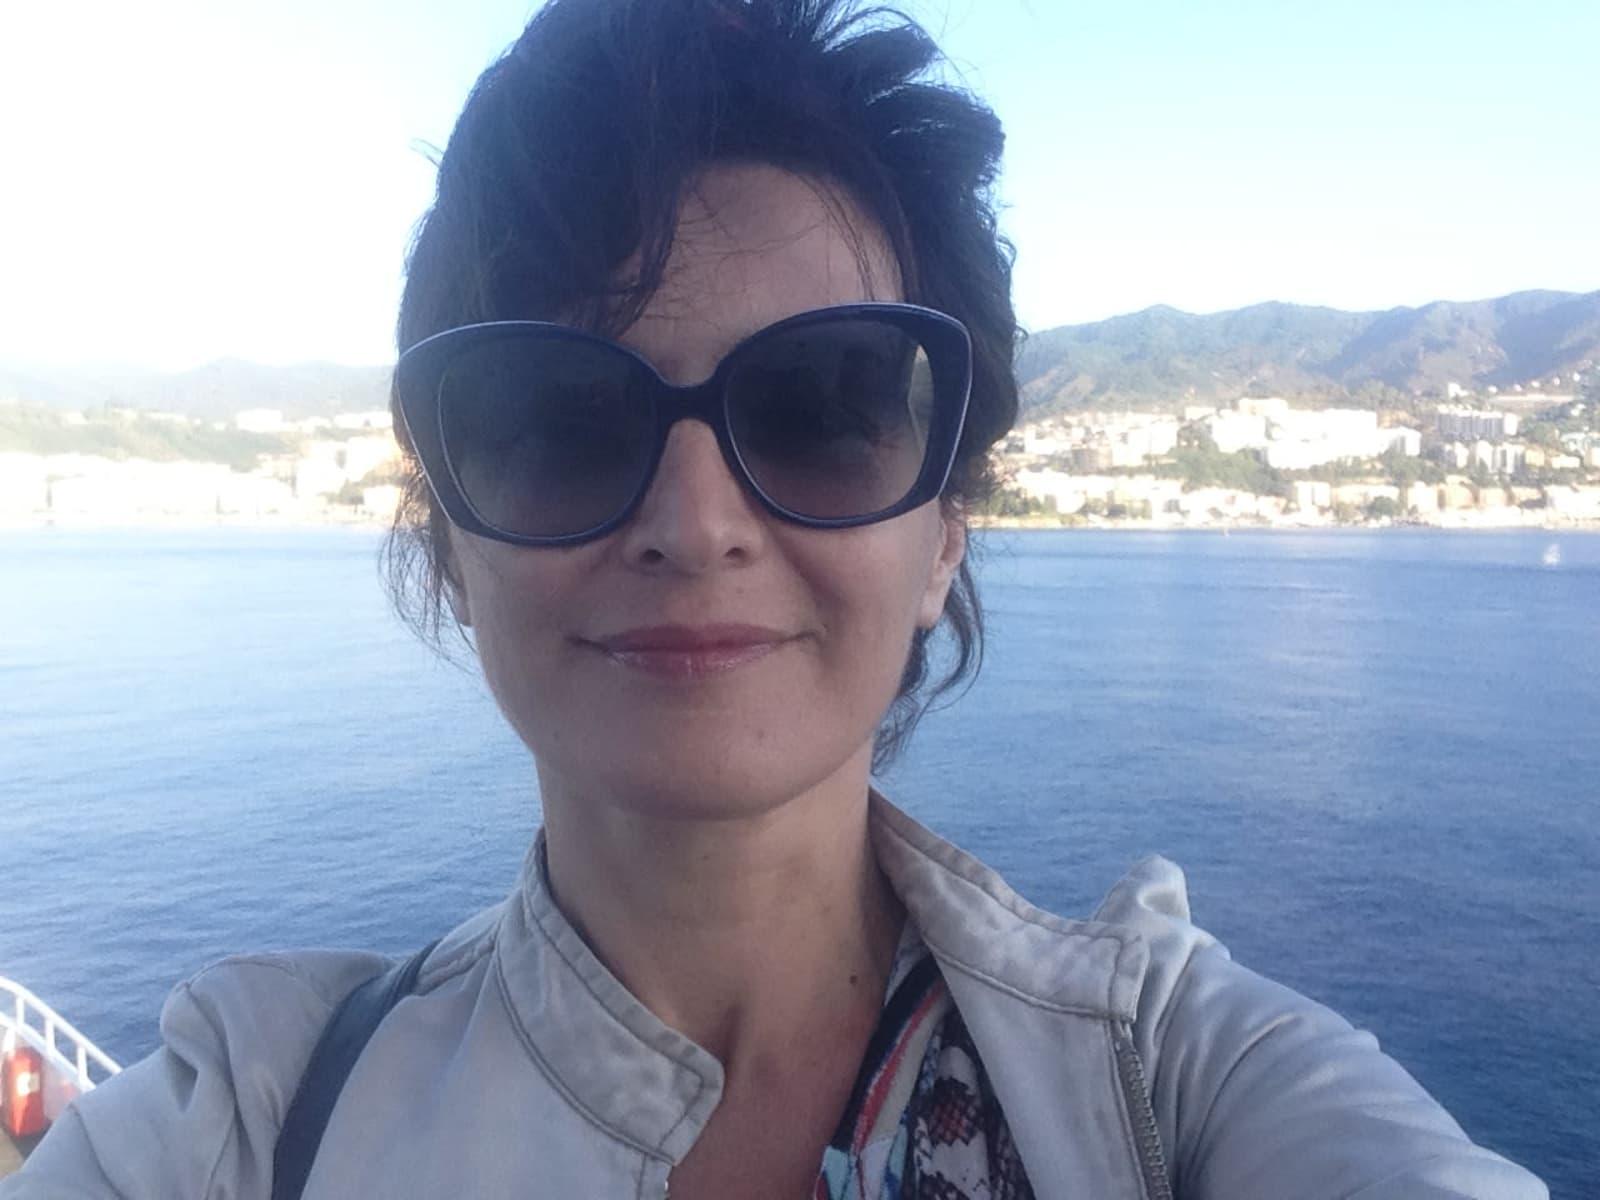 Claudia from Catania, Italy